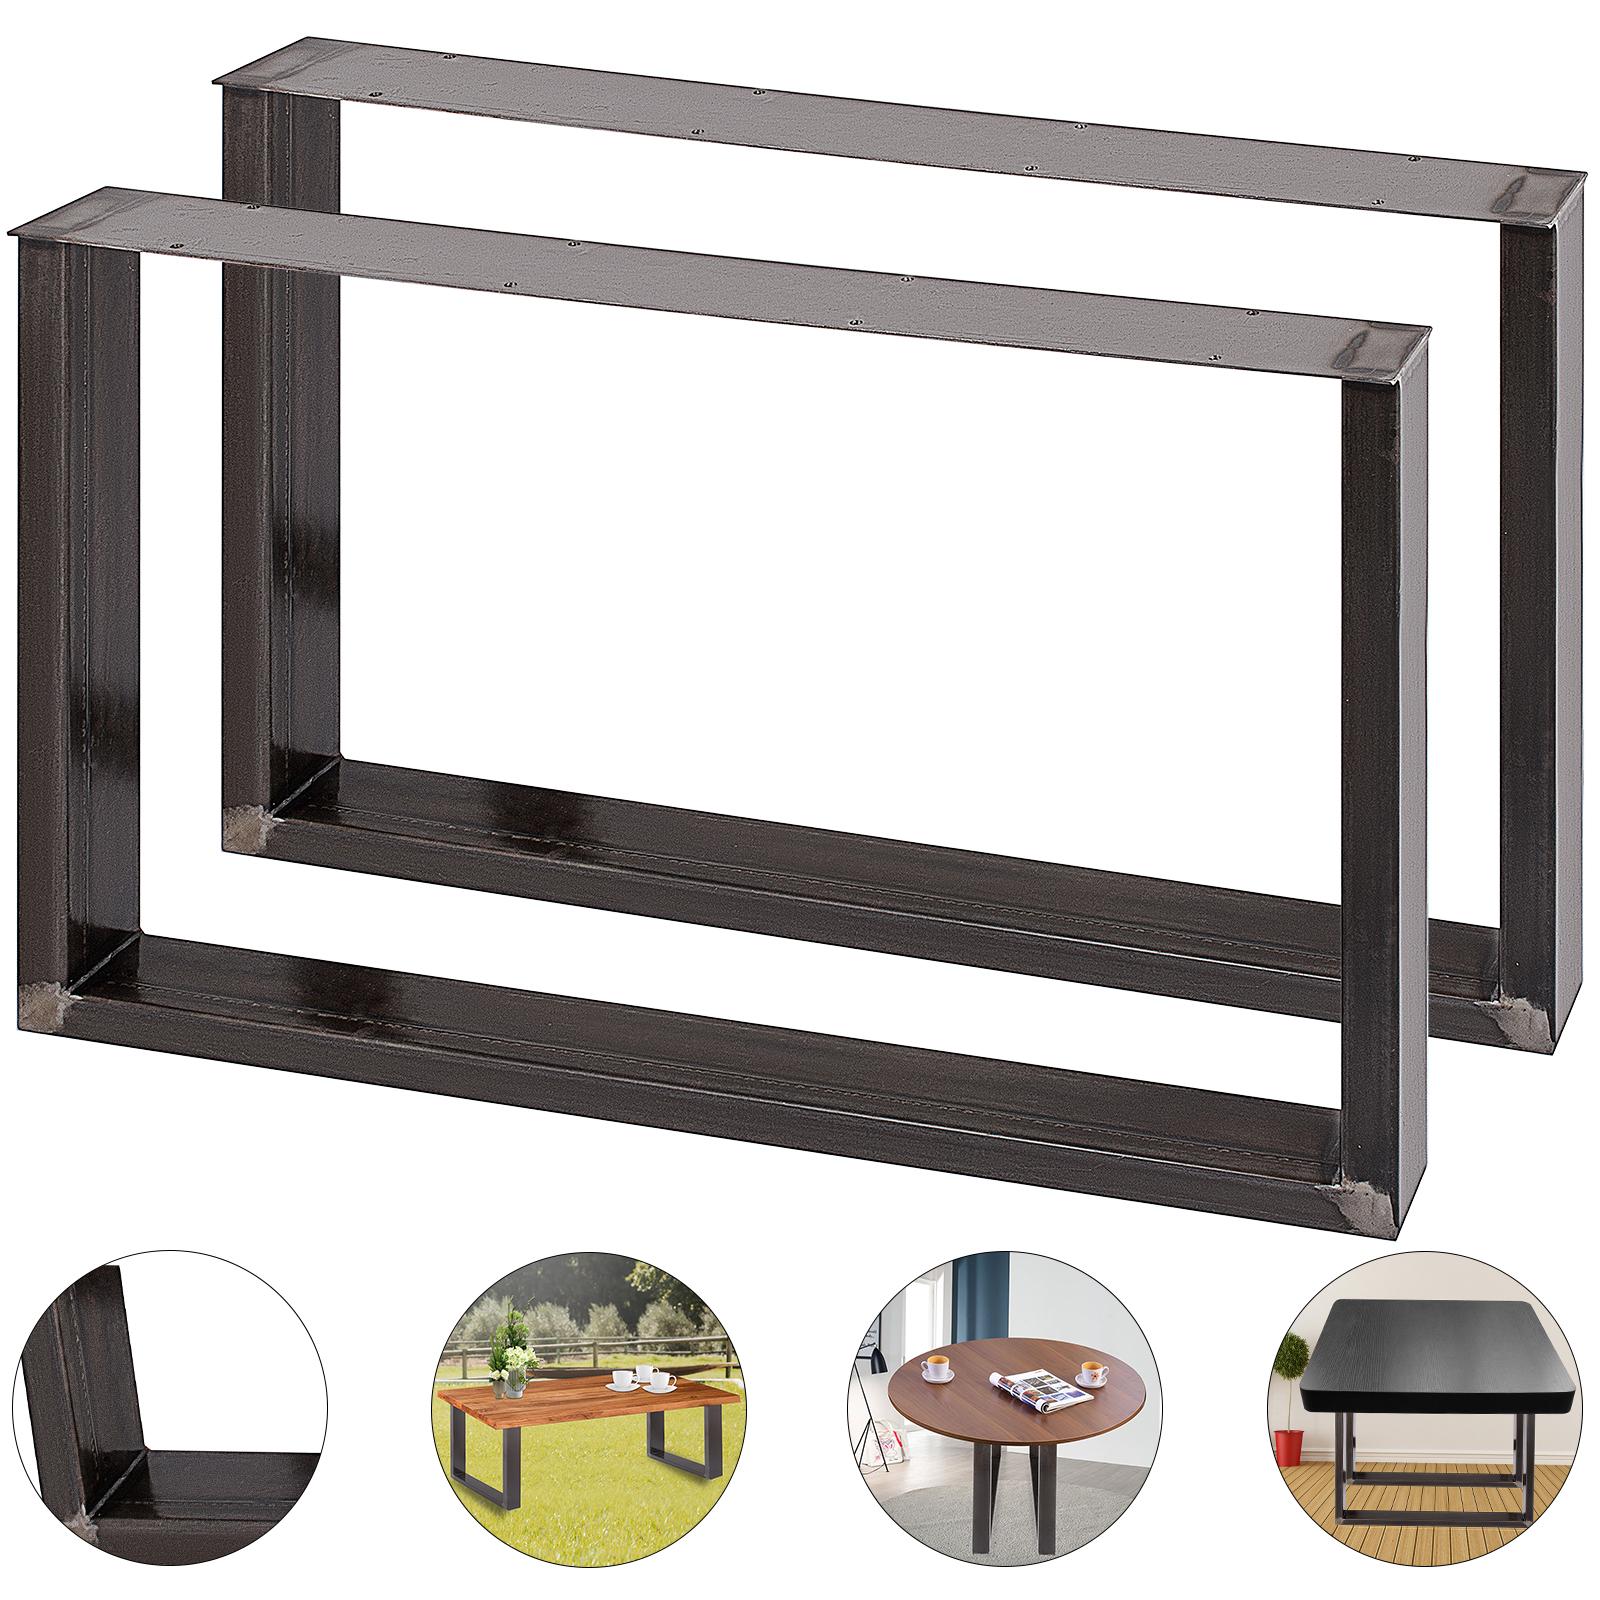 2x-Gambe-per-tavolo-piedi-tavolo-72X-100-CM-Salotto-Cucina-stile-industriale